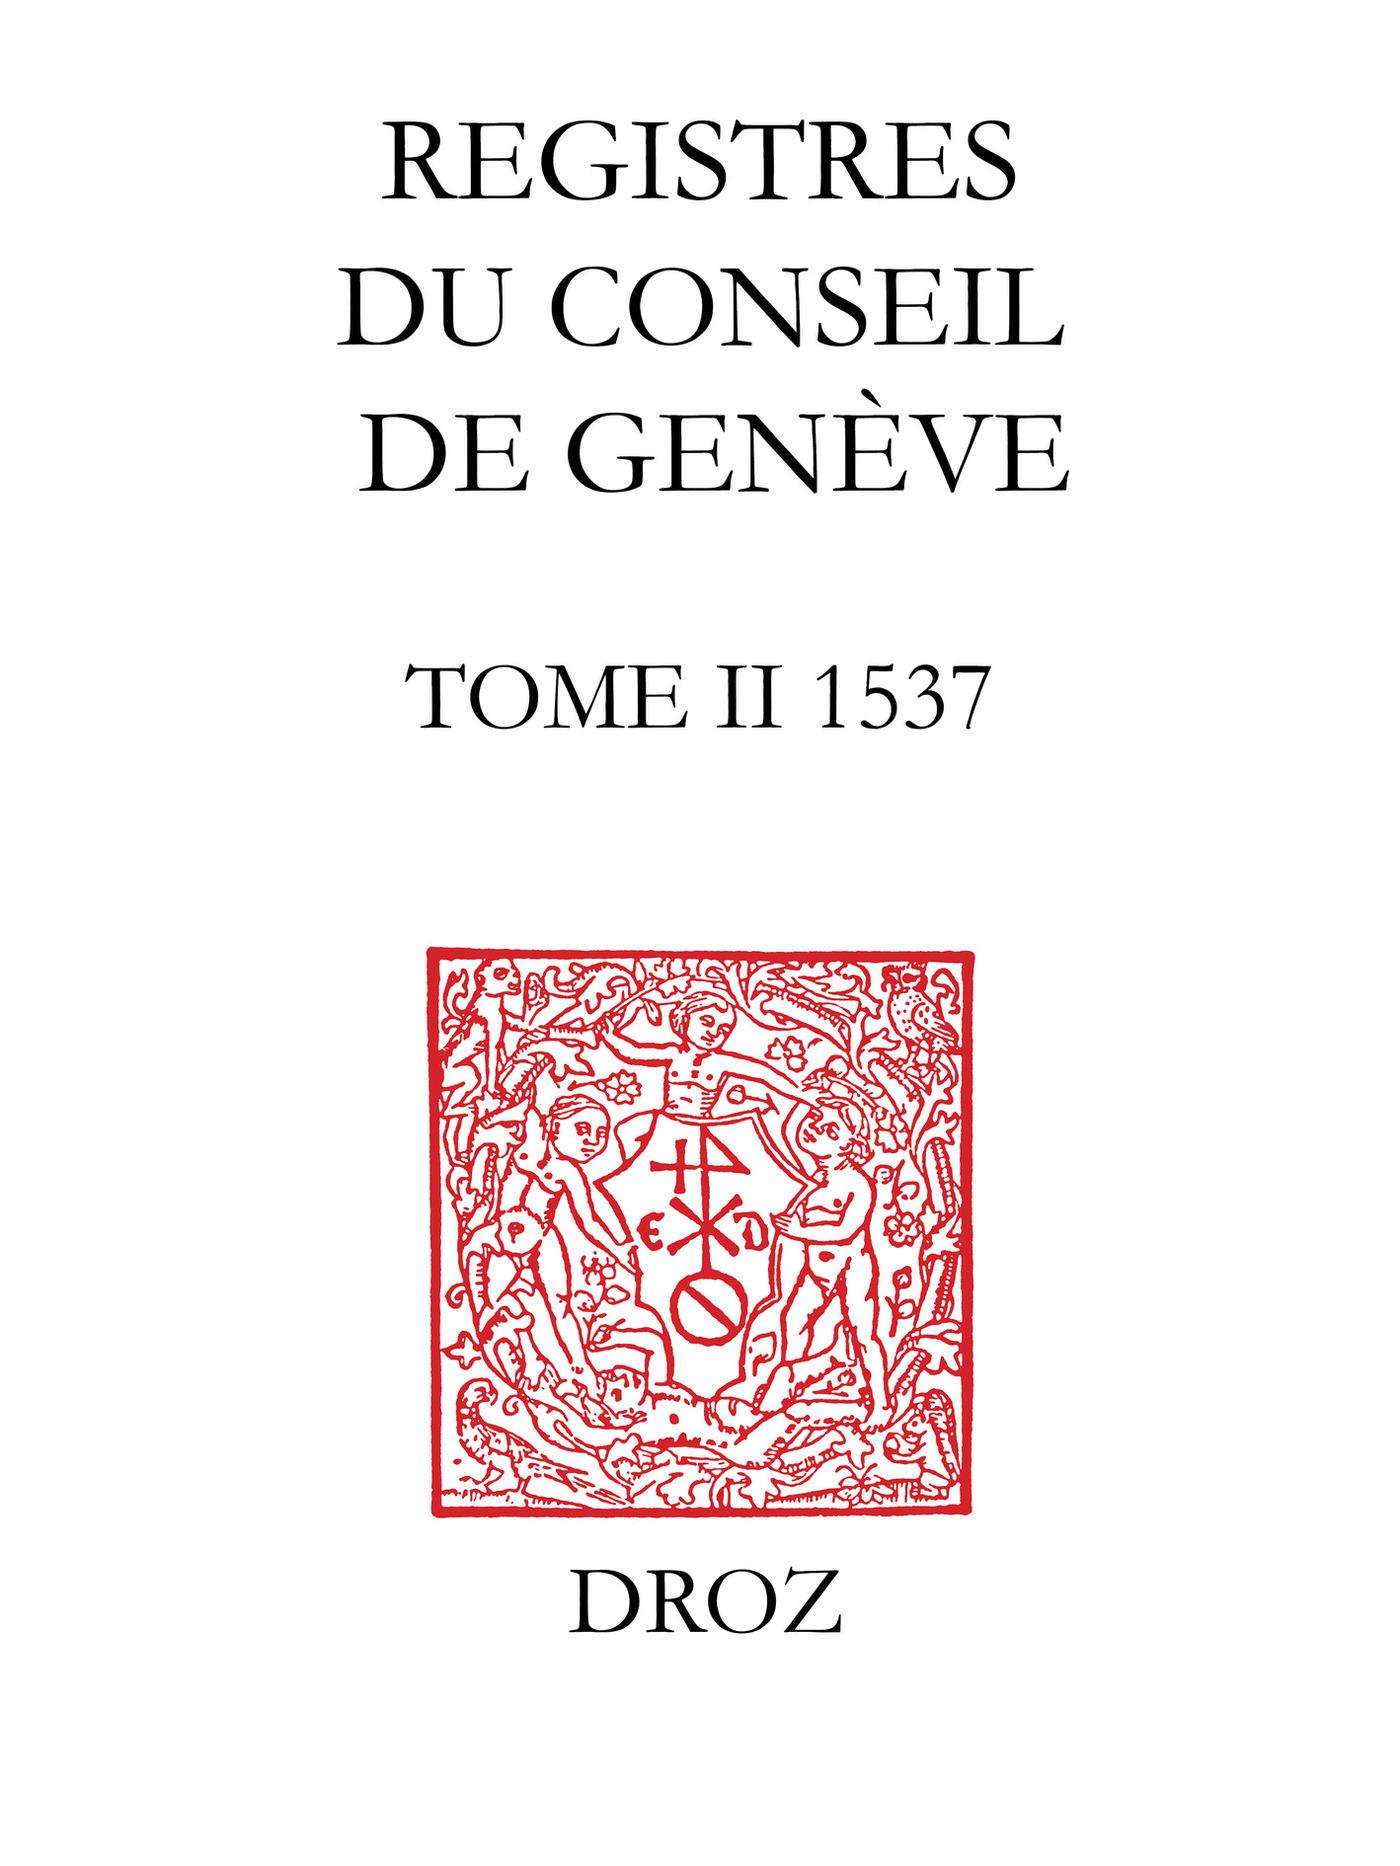 Registres du conseil de geneve a l'epoque de calvin, 1537